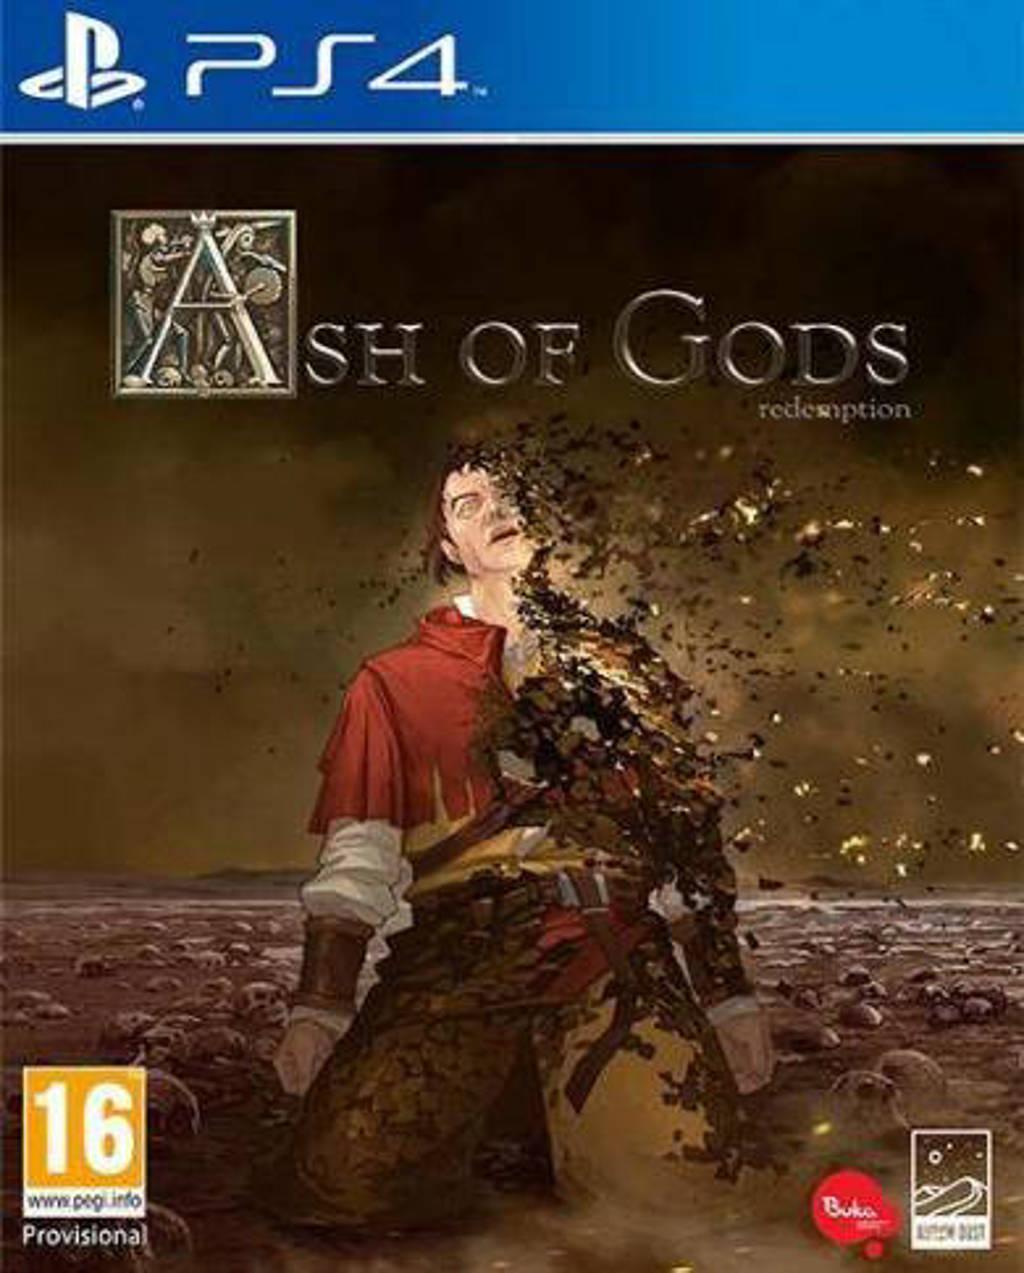 Ash of Gods - Redemption (PlayStation 4)